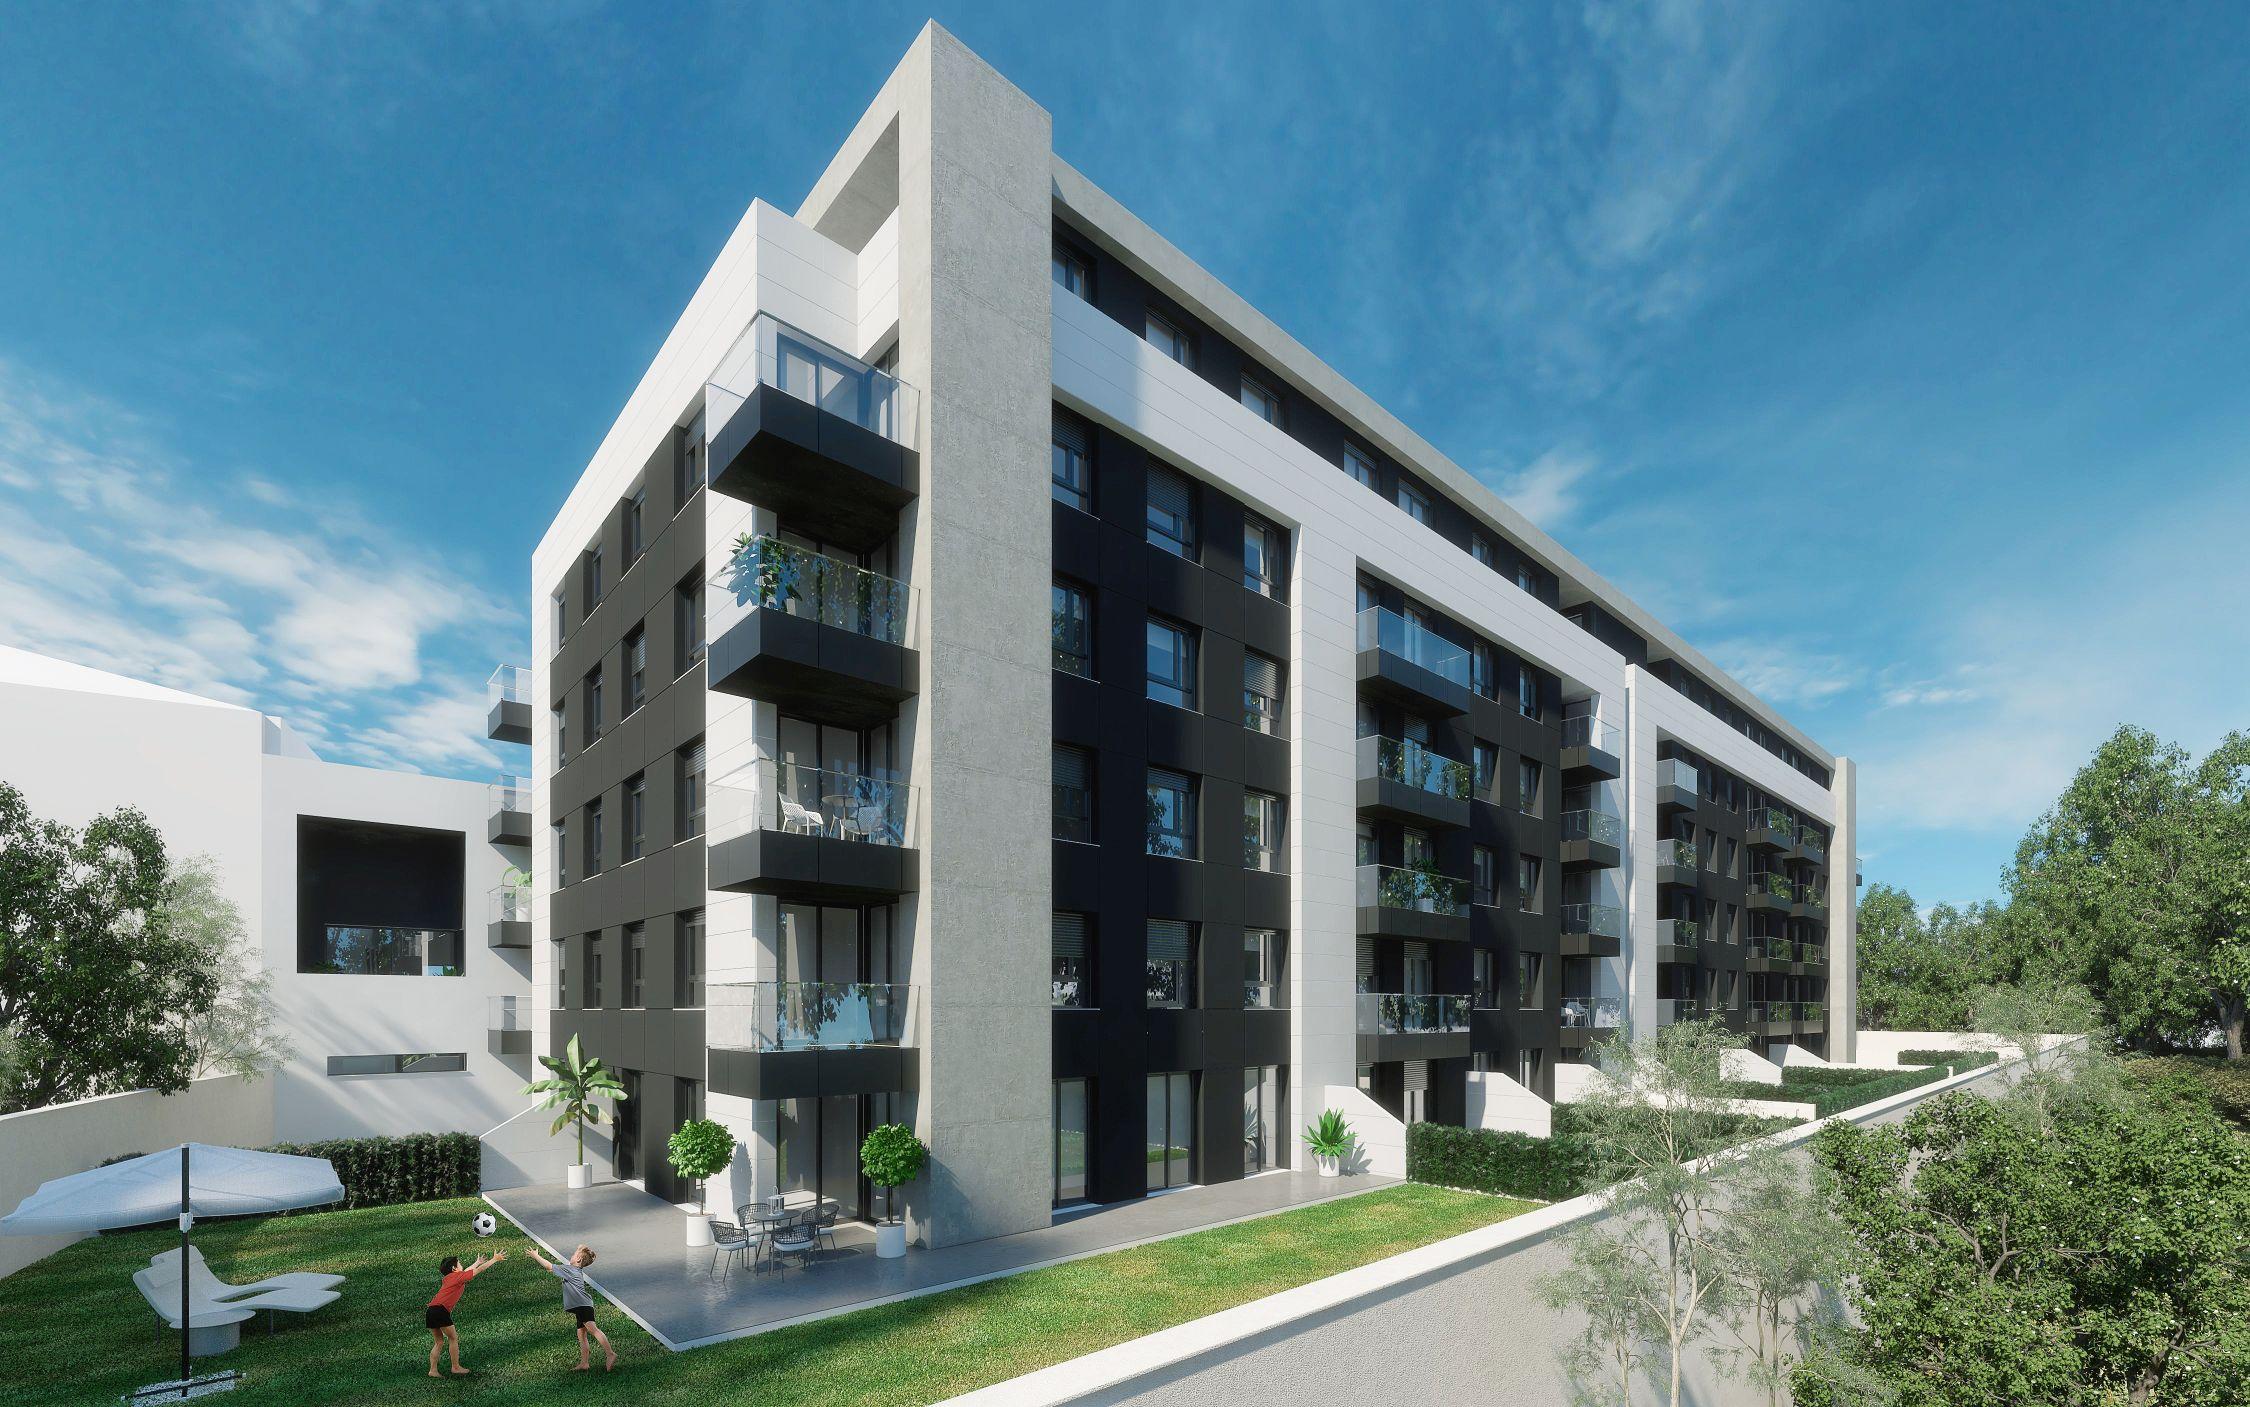 Edifício Boss Smart City com apartamentos T1, T2, T3 e T4 em Paranhos